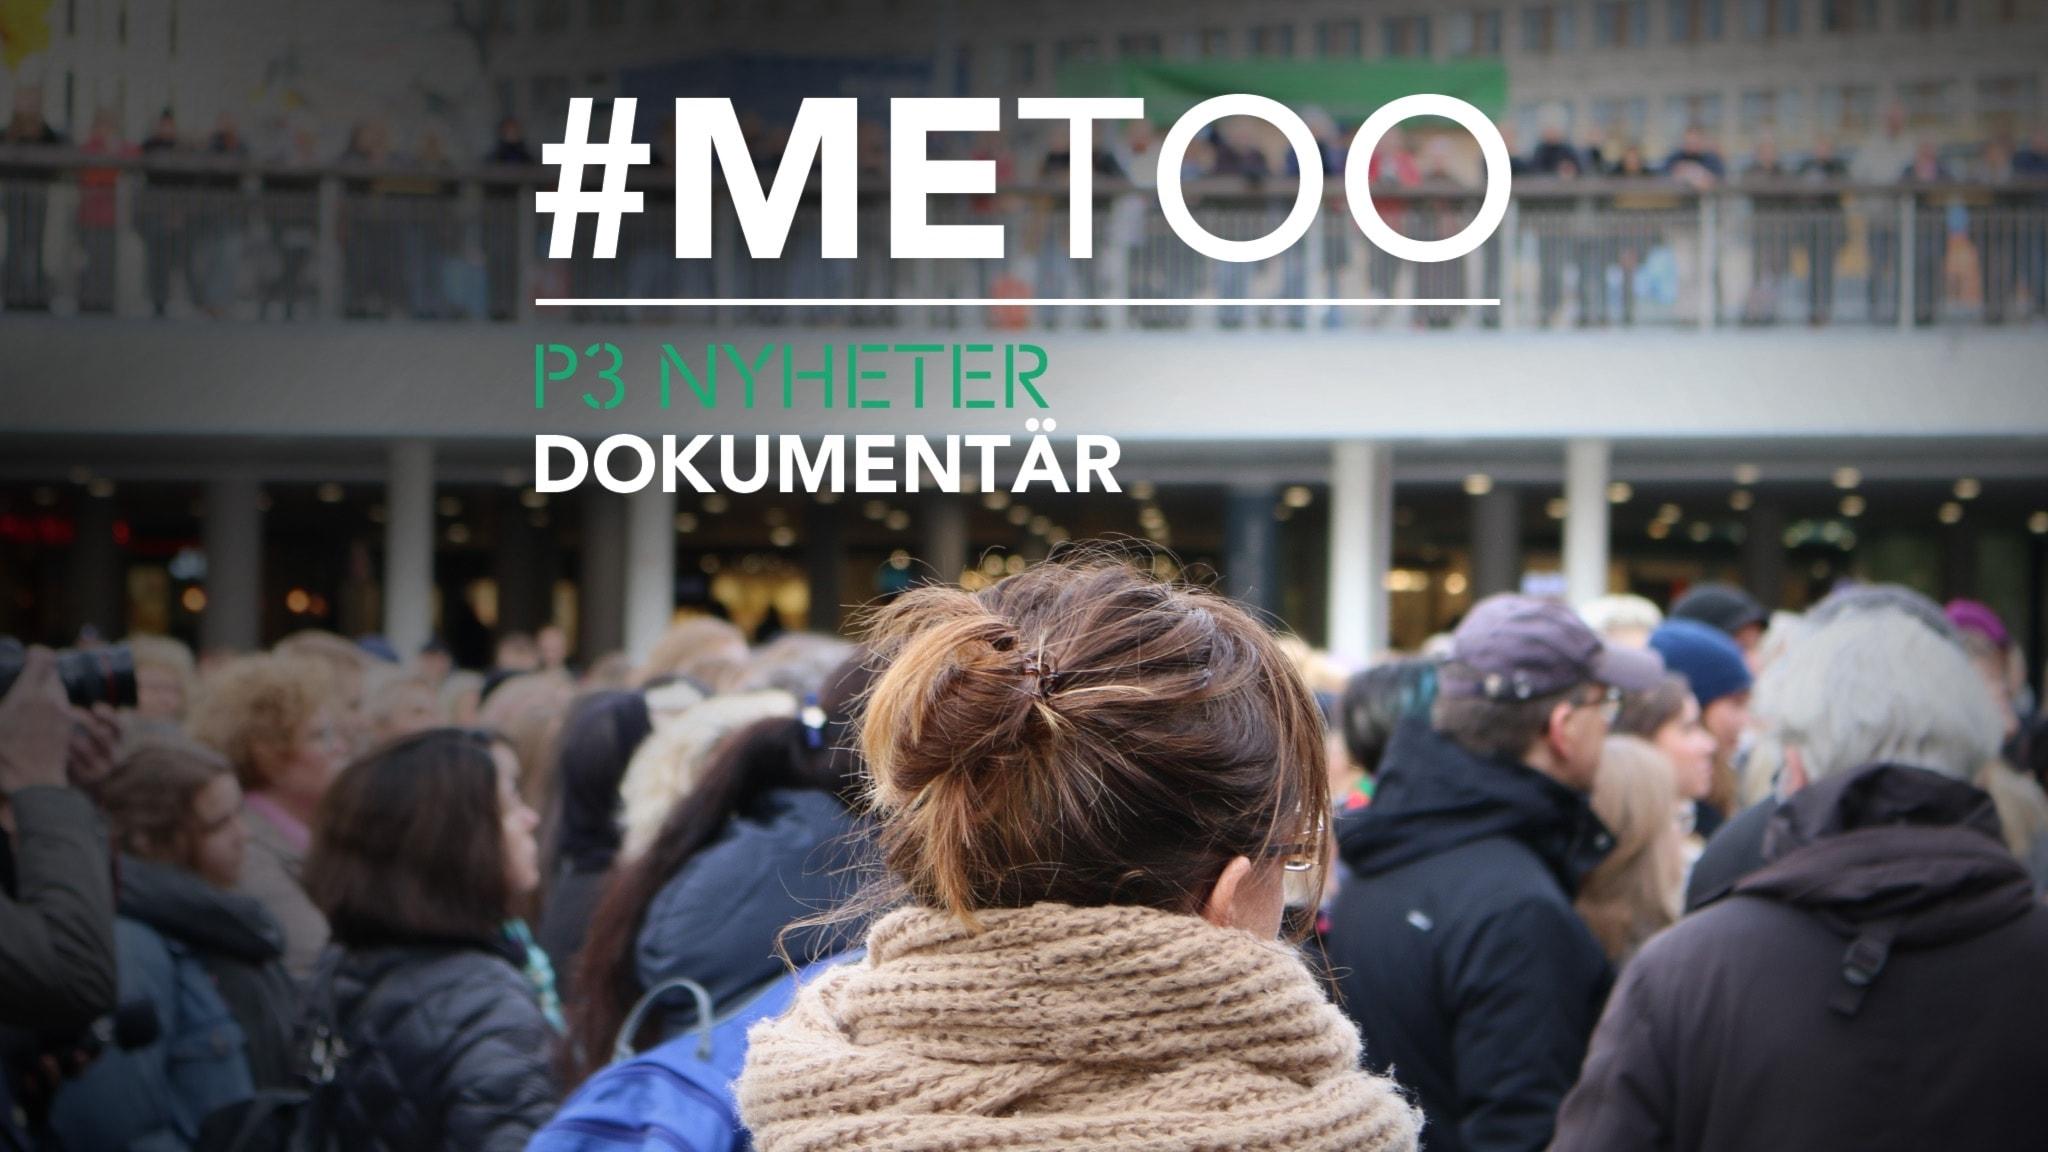 #MeToo - P3 Nyheter Dokumentär